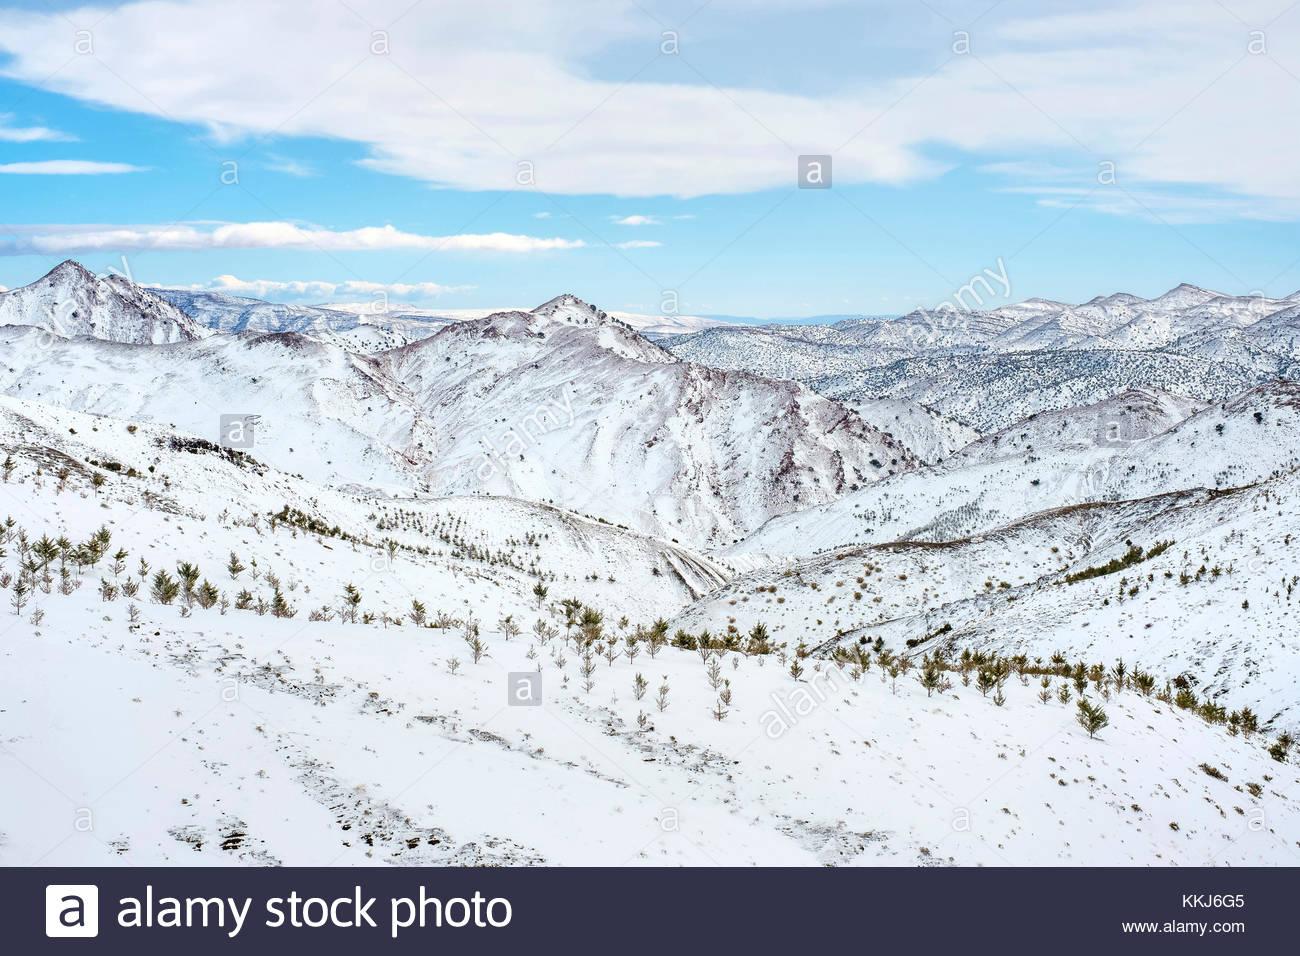 Marokko, Marrakesch - Safi (Marrakech - tensift-El Haouz), al haouz Provinz. tizi N'tichka Pass im Atlasgebirge Stockbild